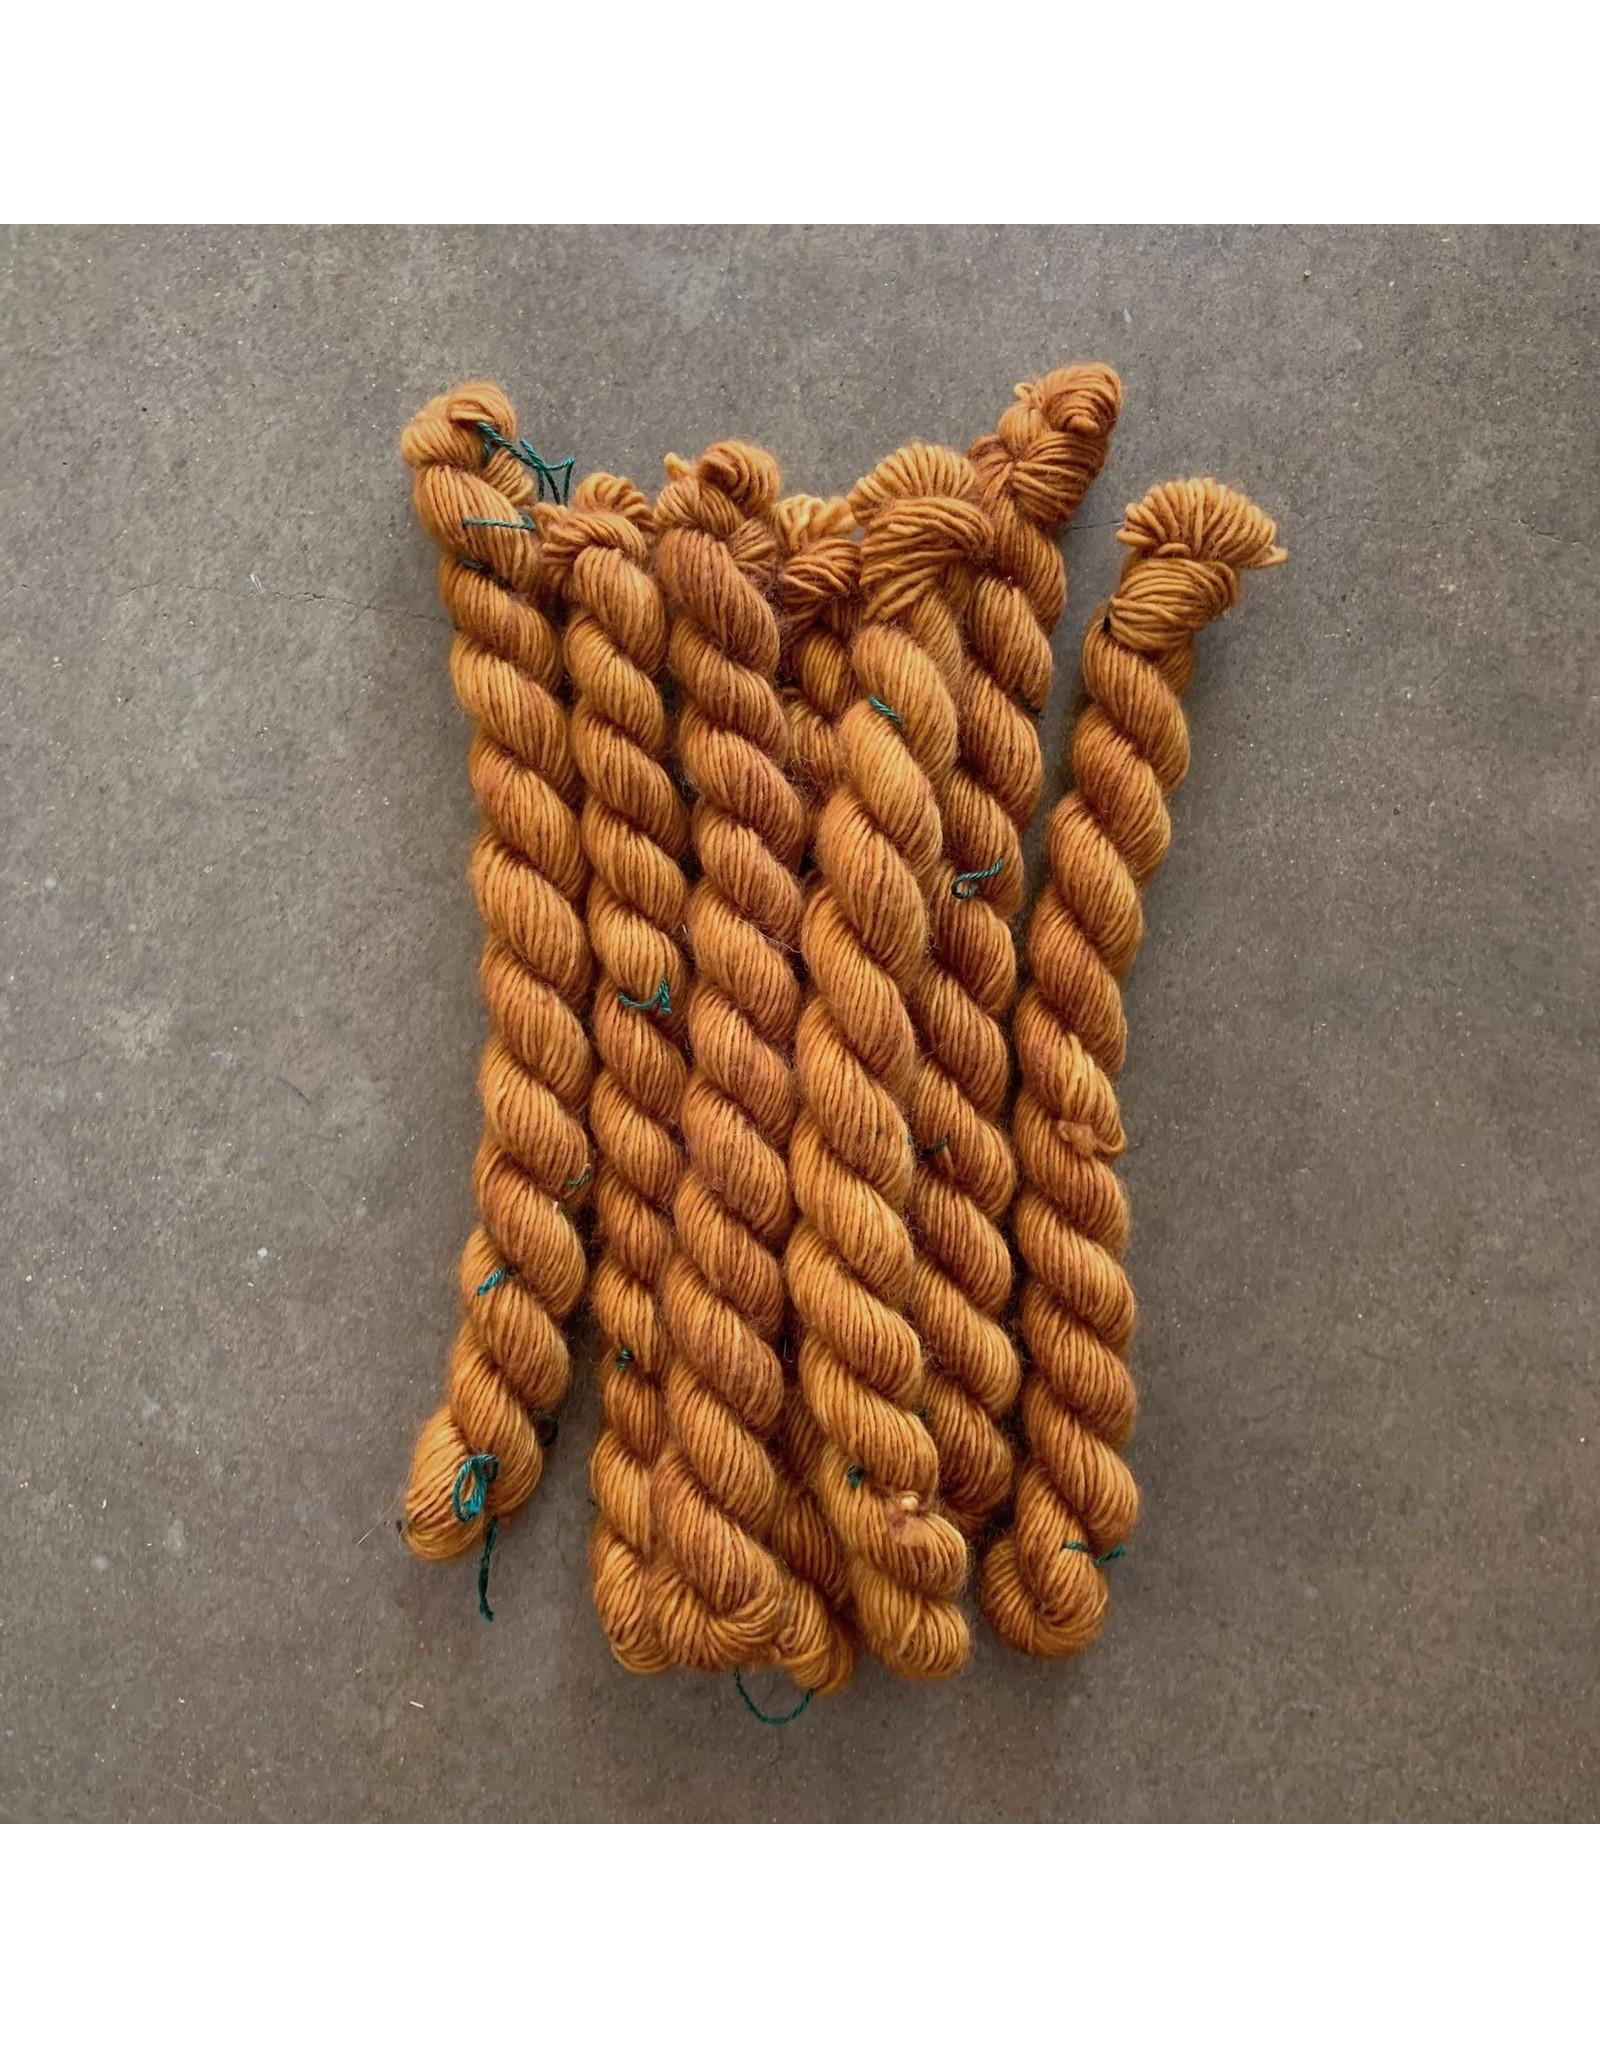 Glazed Pecan - Unicorn Tails - Madelinetosh